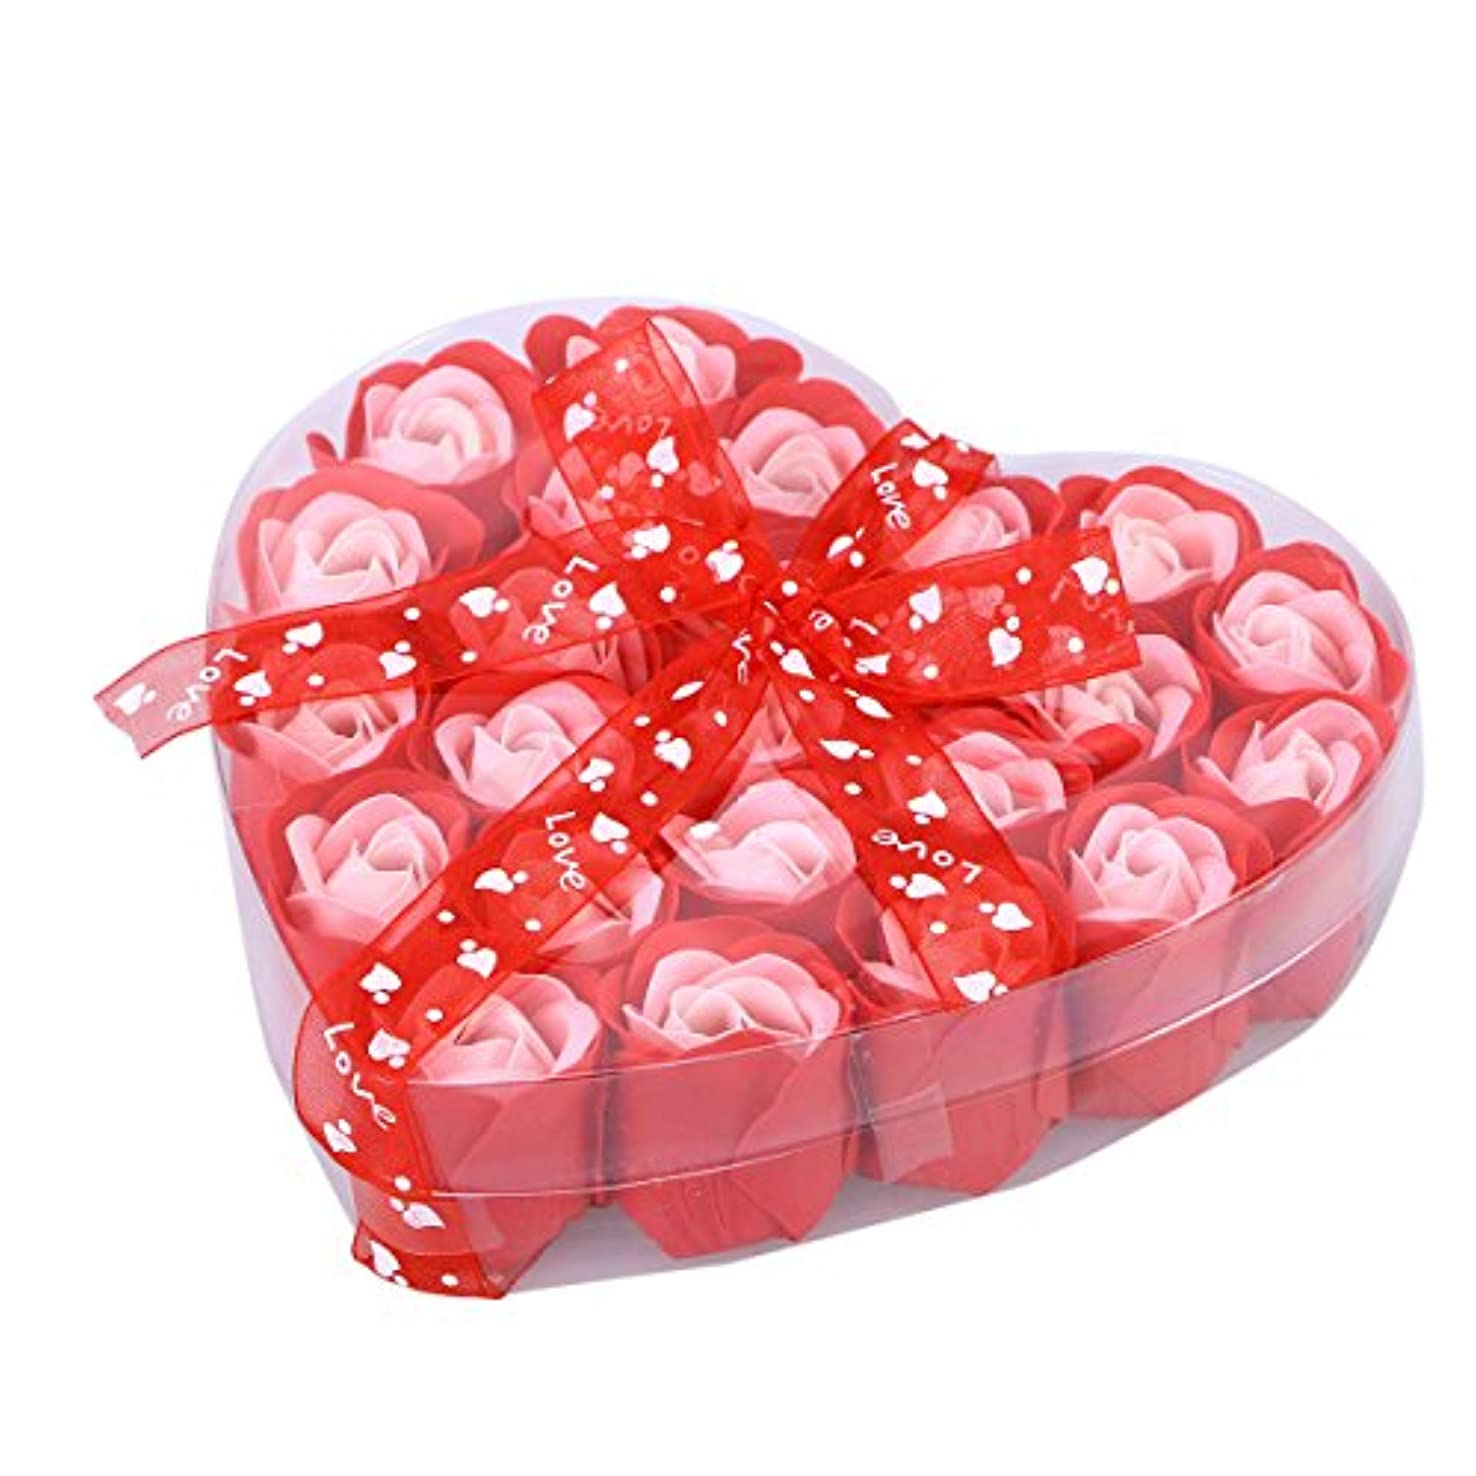 寝室を掃除するスコア解釈的Healifty バレンタインデーのハートボックスに香りの石鹸バラの花びら(ランダムリボン)24個